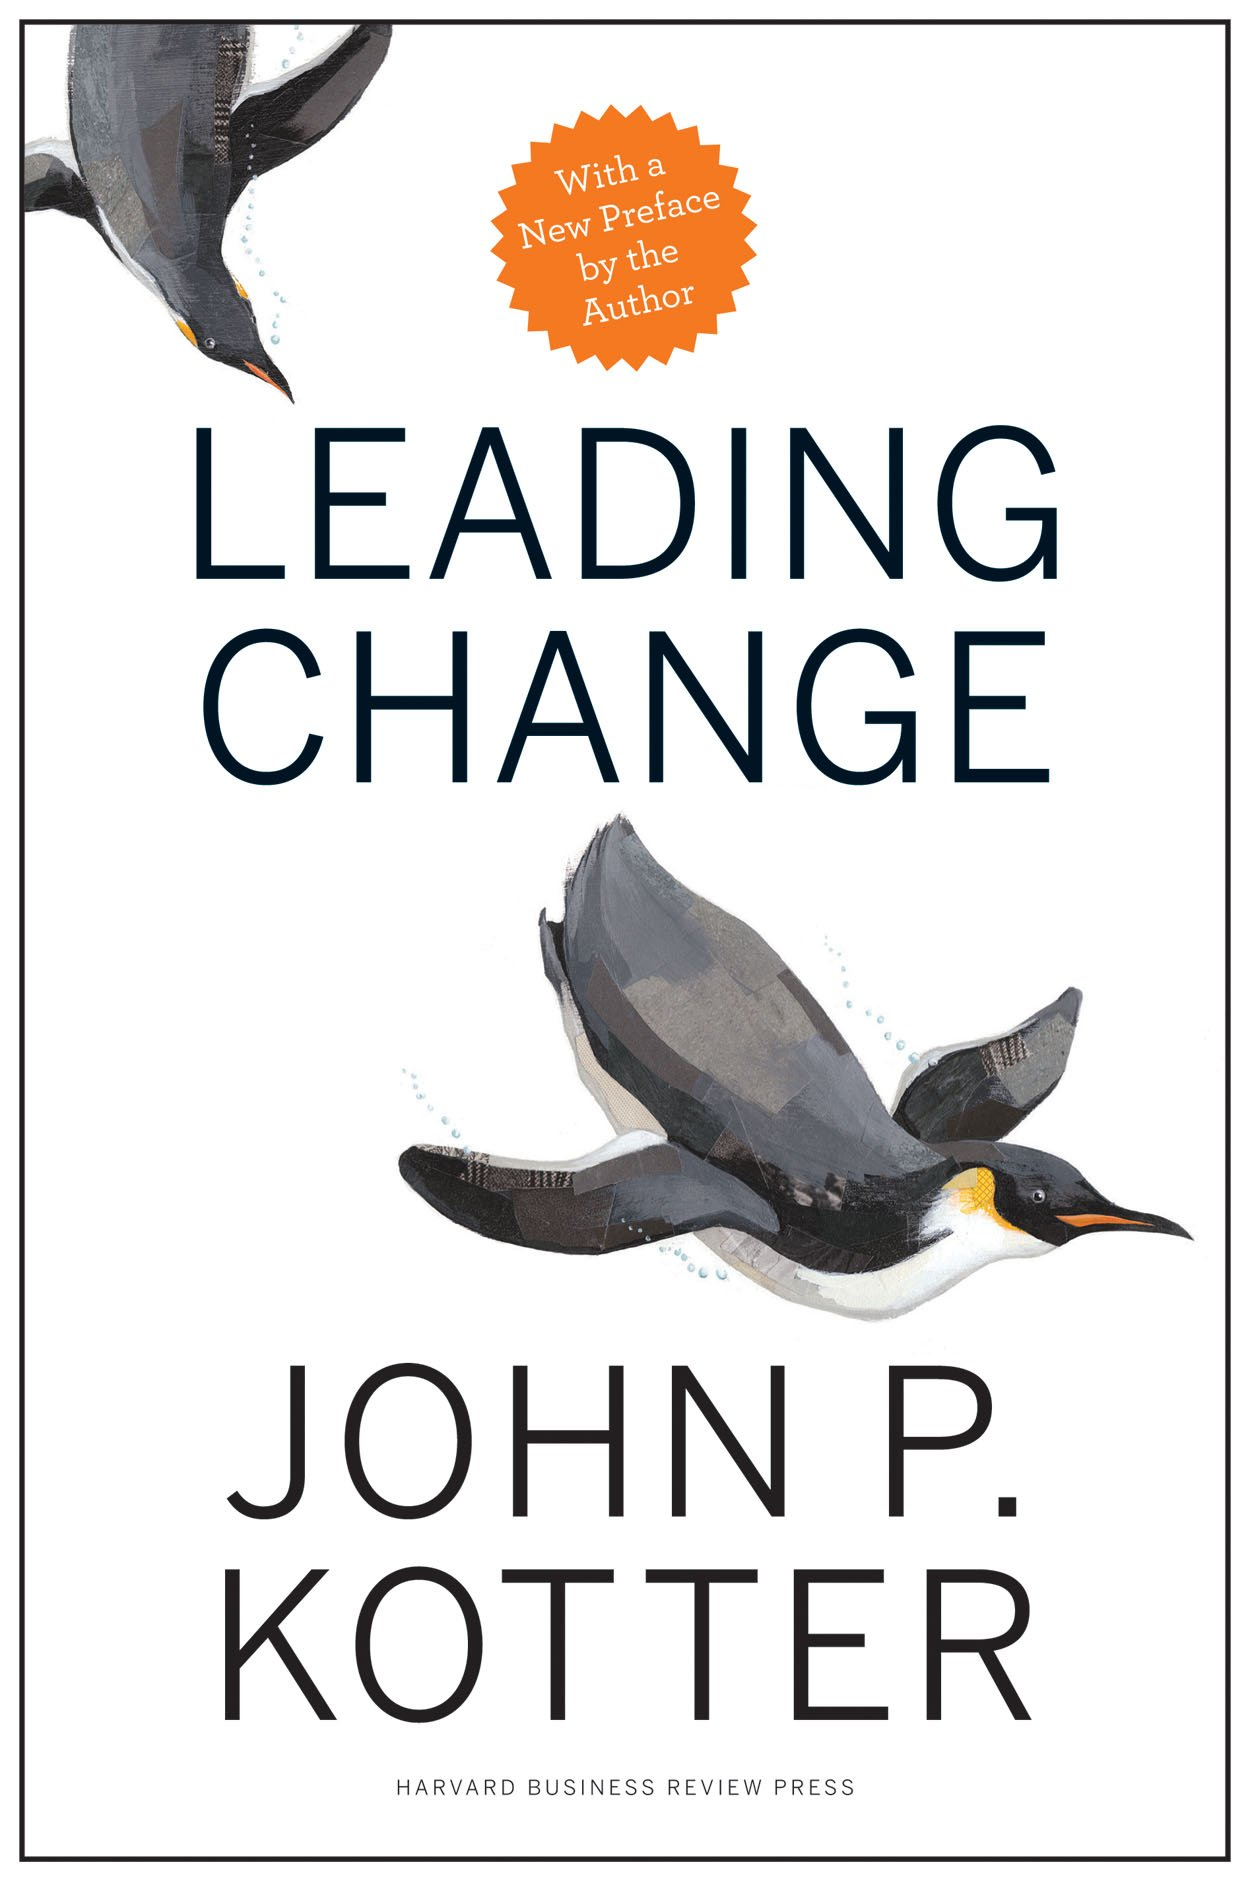 De 8 stappen van verandering (Kotter)